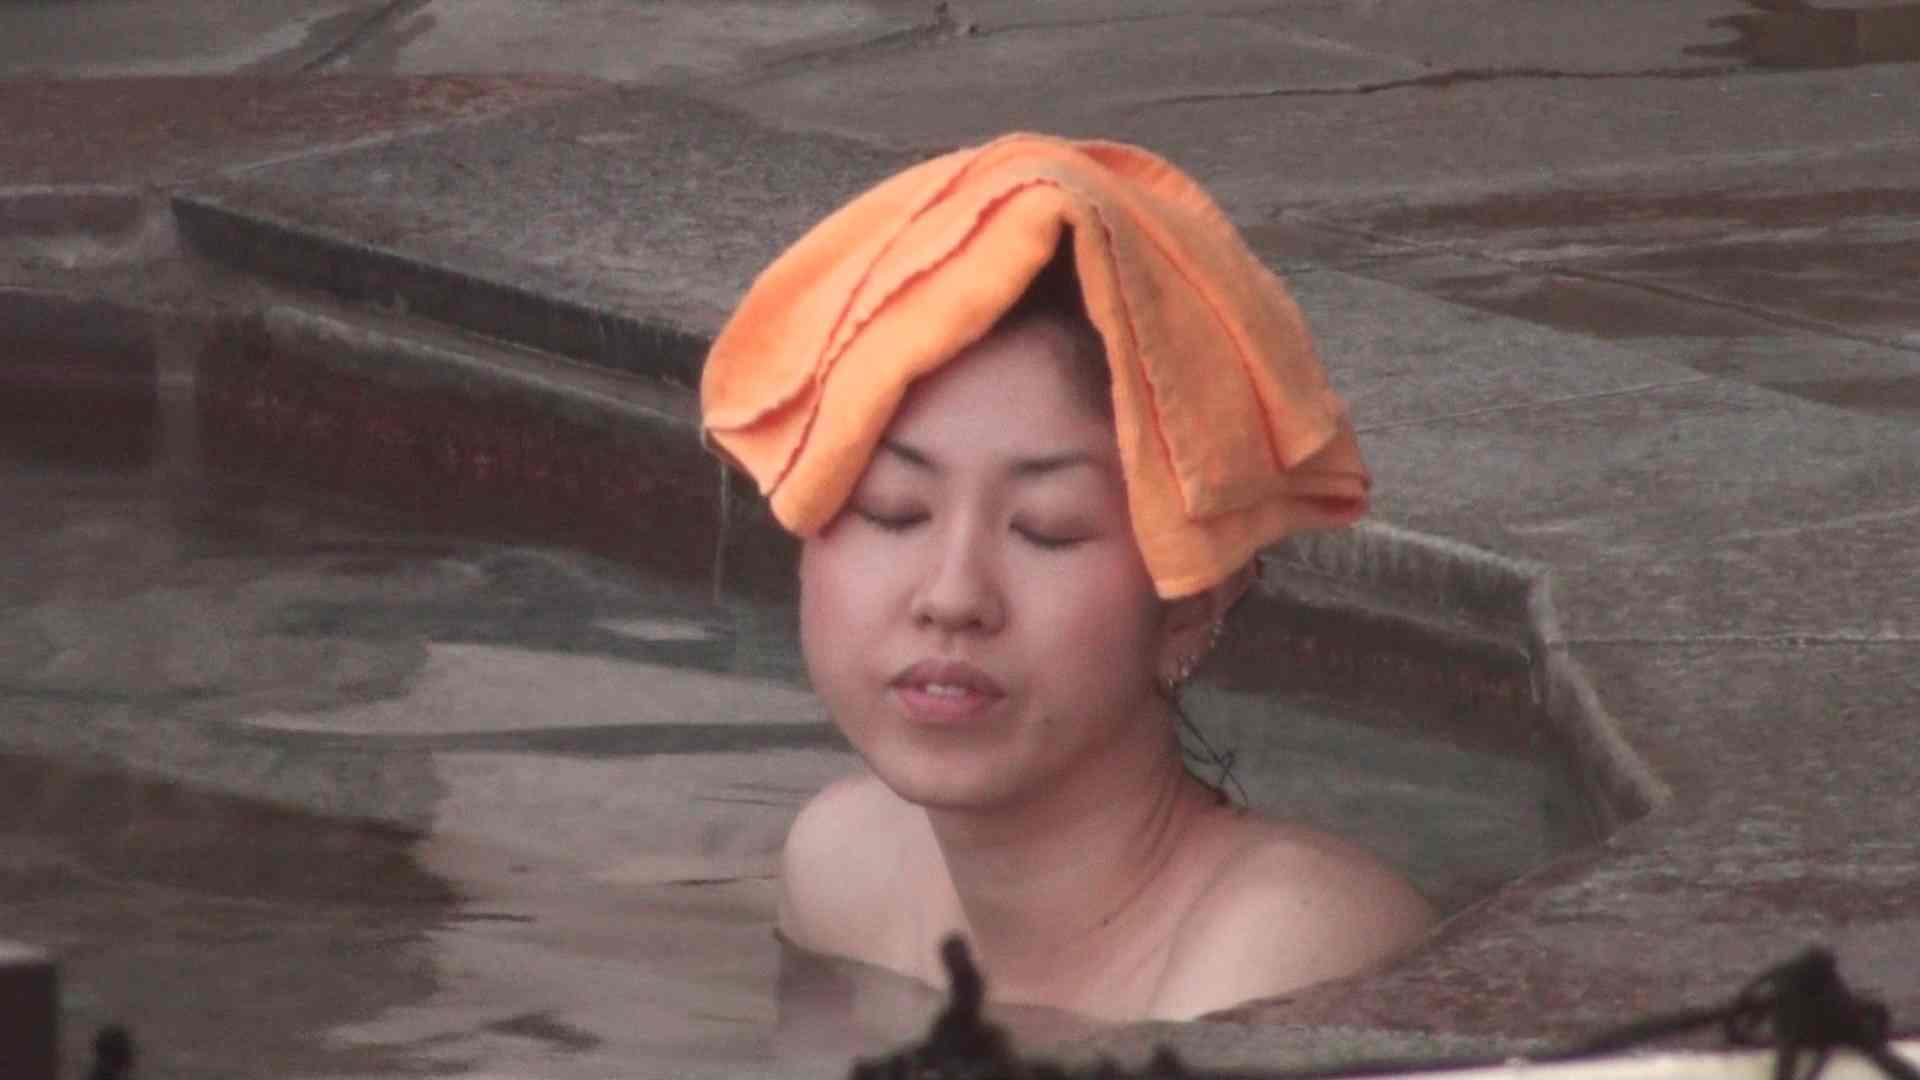 Aquaな露天風呂Vol.135 いやらしいOL 盗撮動画紹介 67連発 22